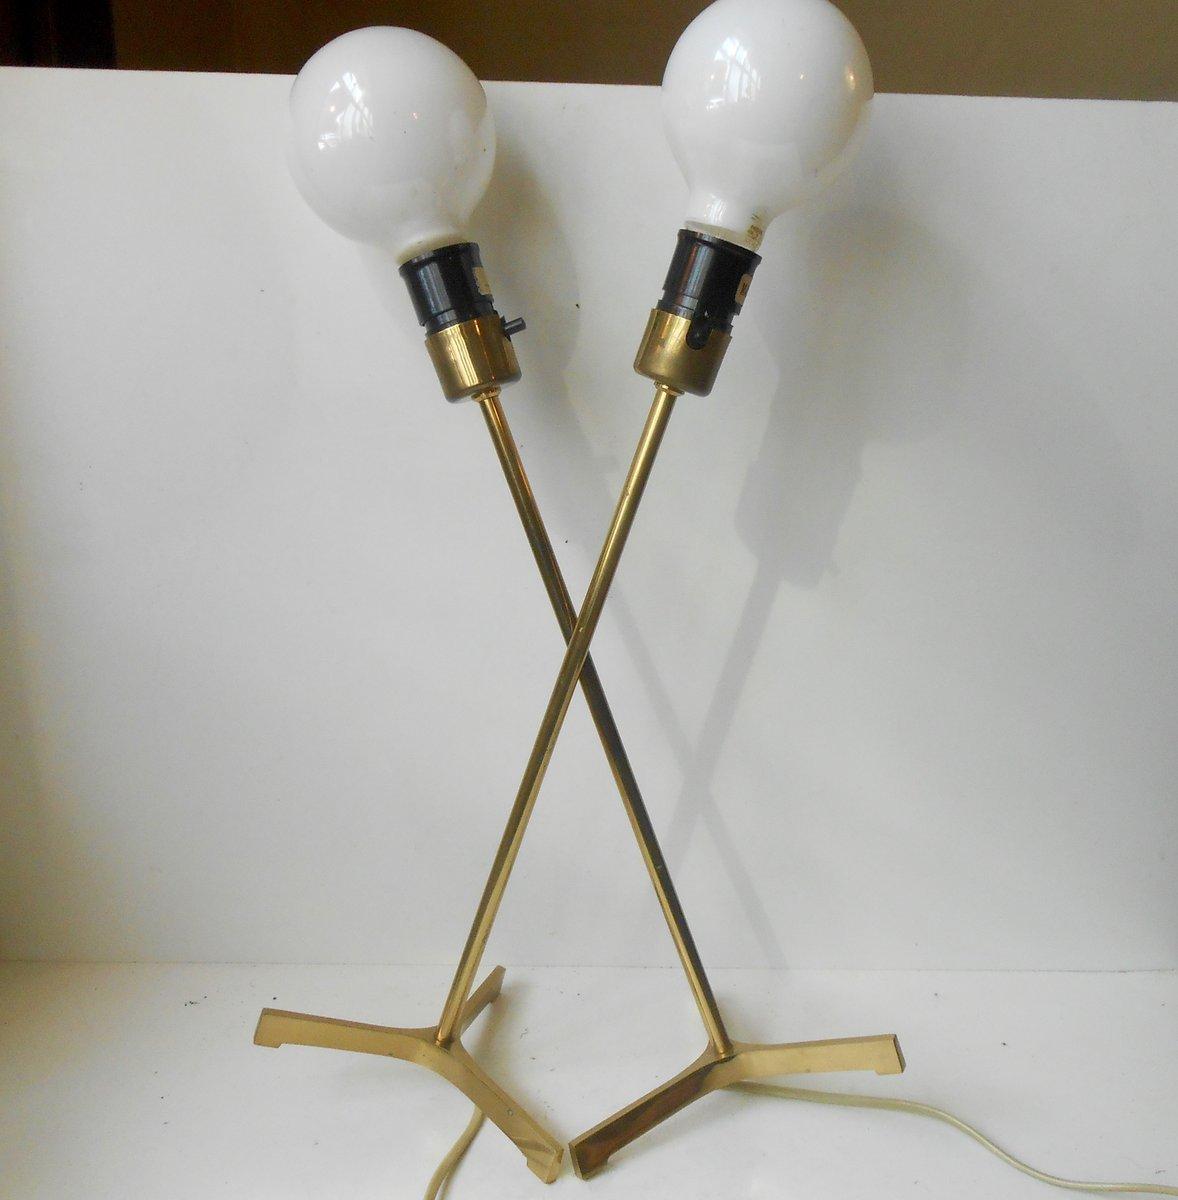 Lampade da tavolo moderne tripodi in ottone con lampadine XL ...